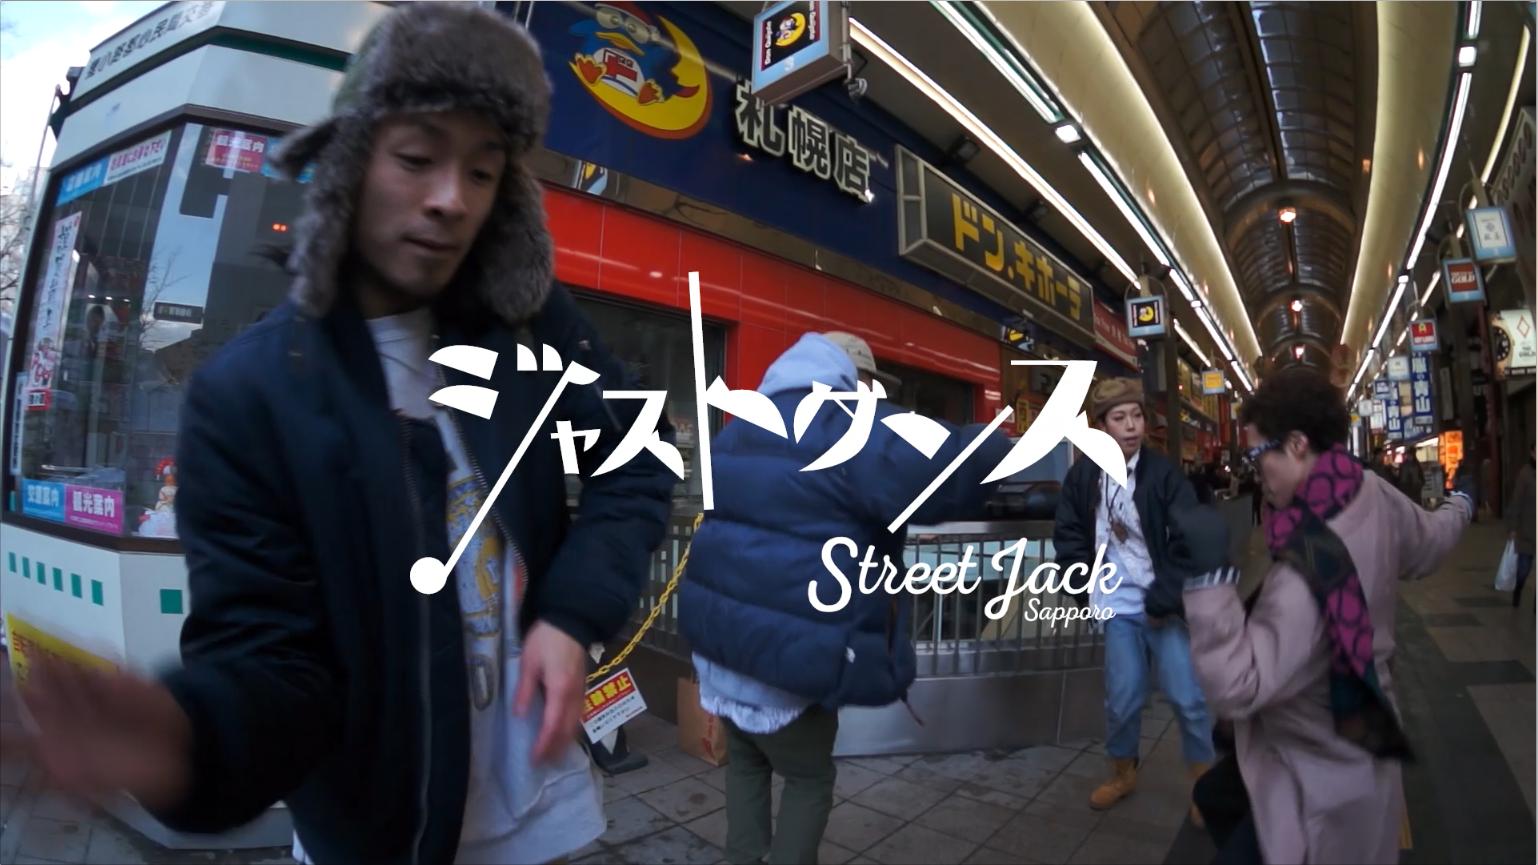 ジャストダンス -Street Jack Sapporo-